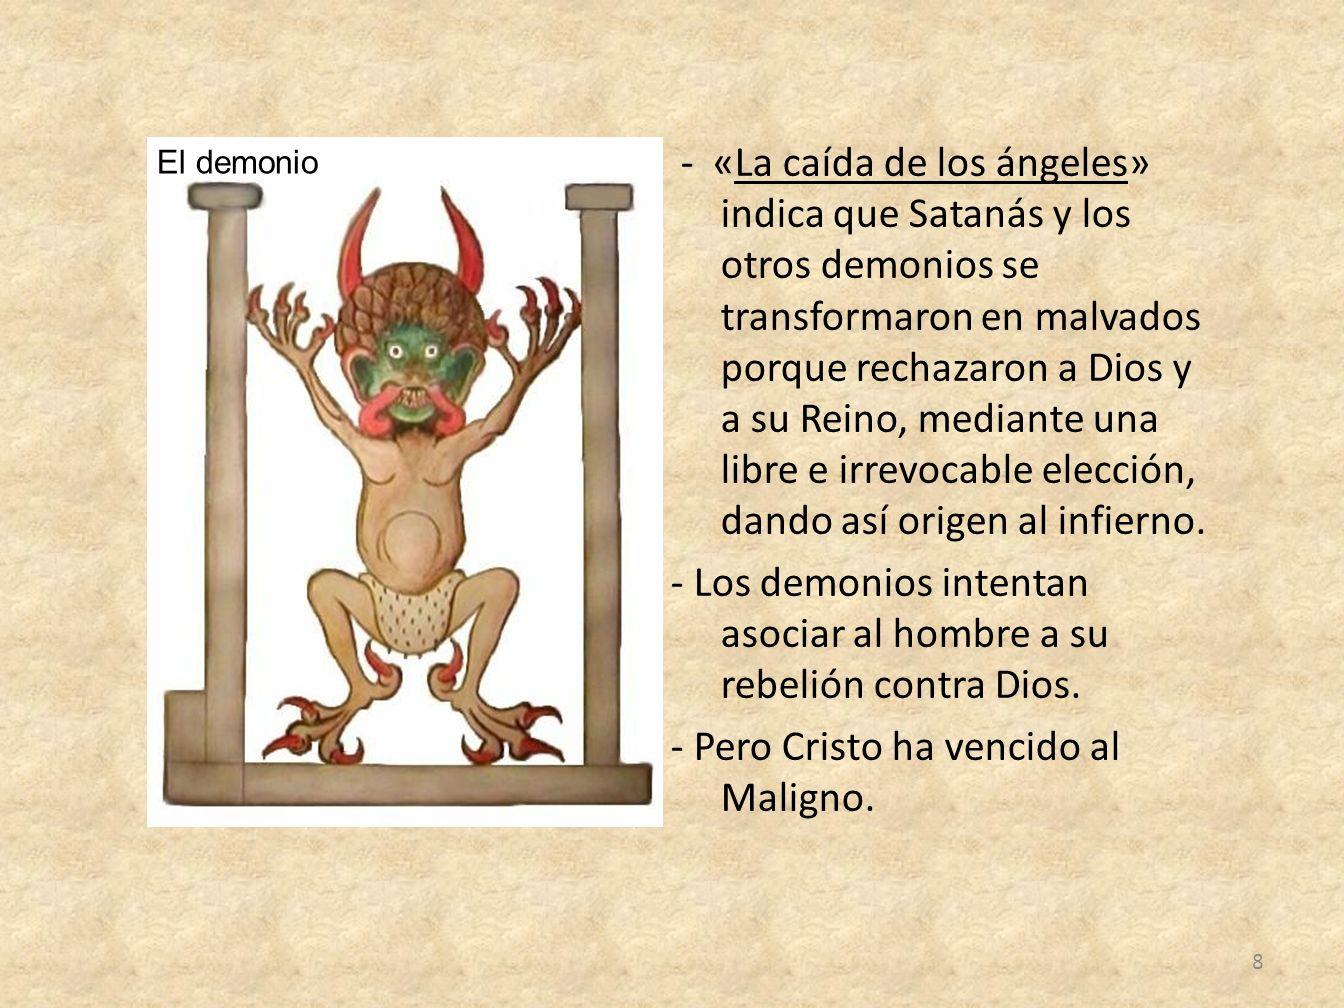 - «La caída de los ángeles» indica que Satanás y los otros demonios se transformaron en malvados porque rechazaron a Dios y a su Reino, mediante una l